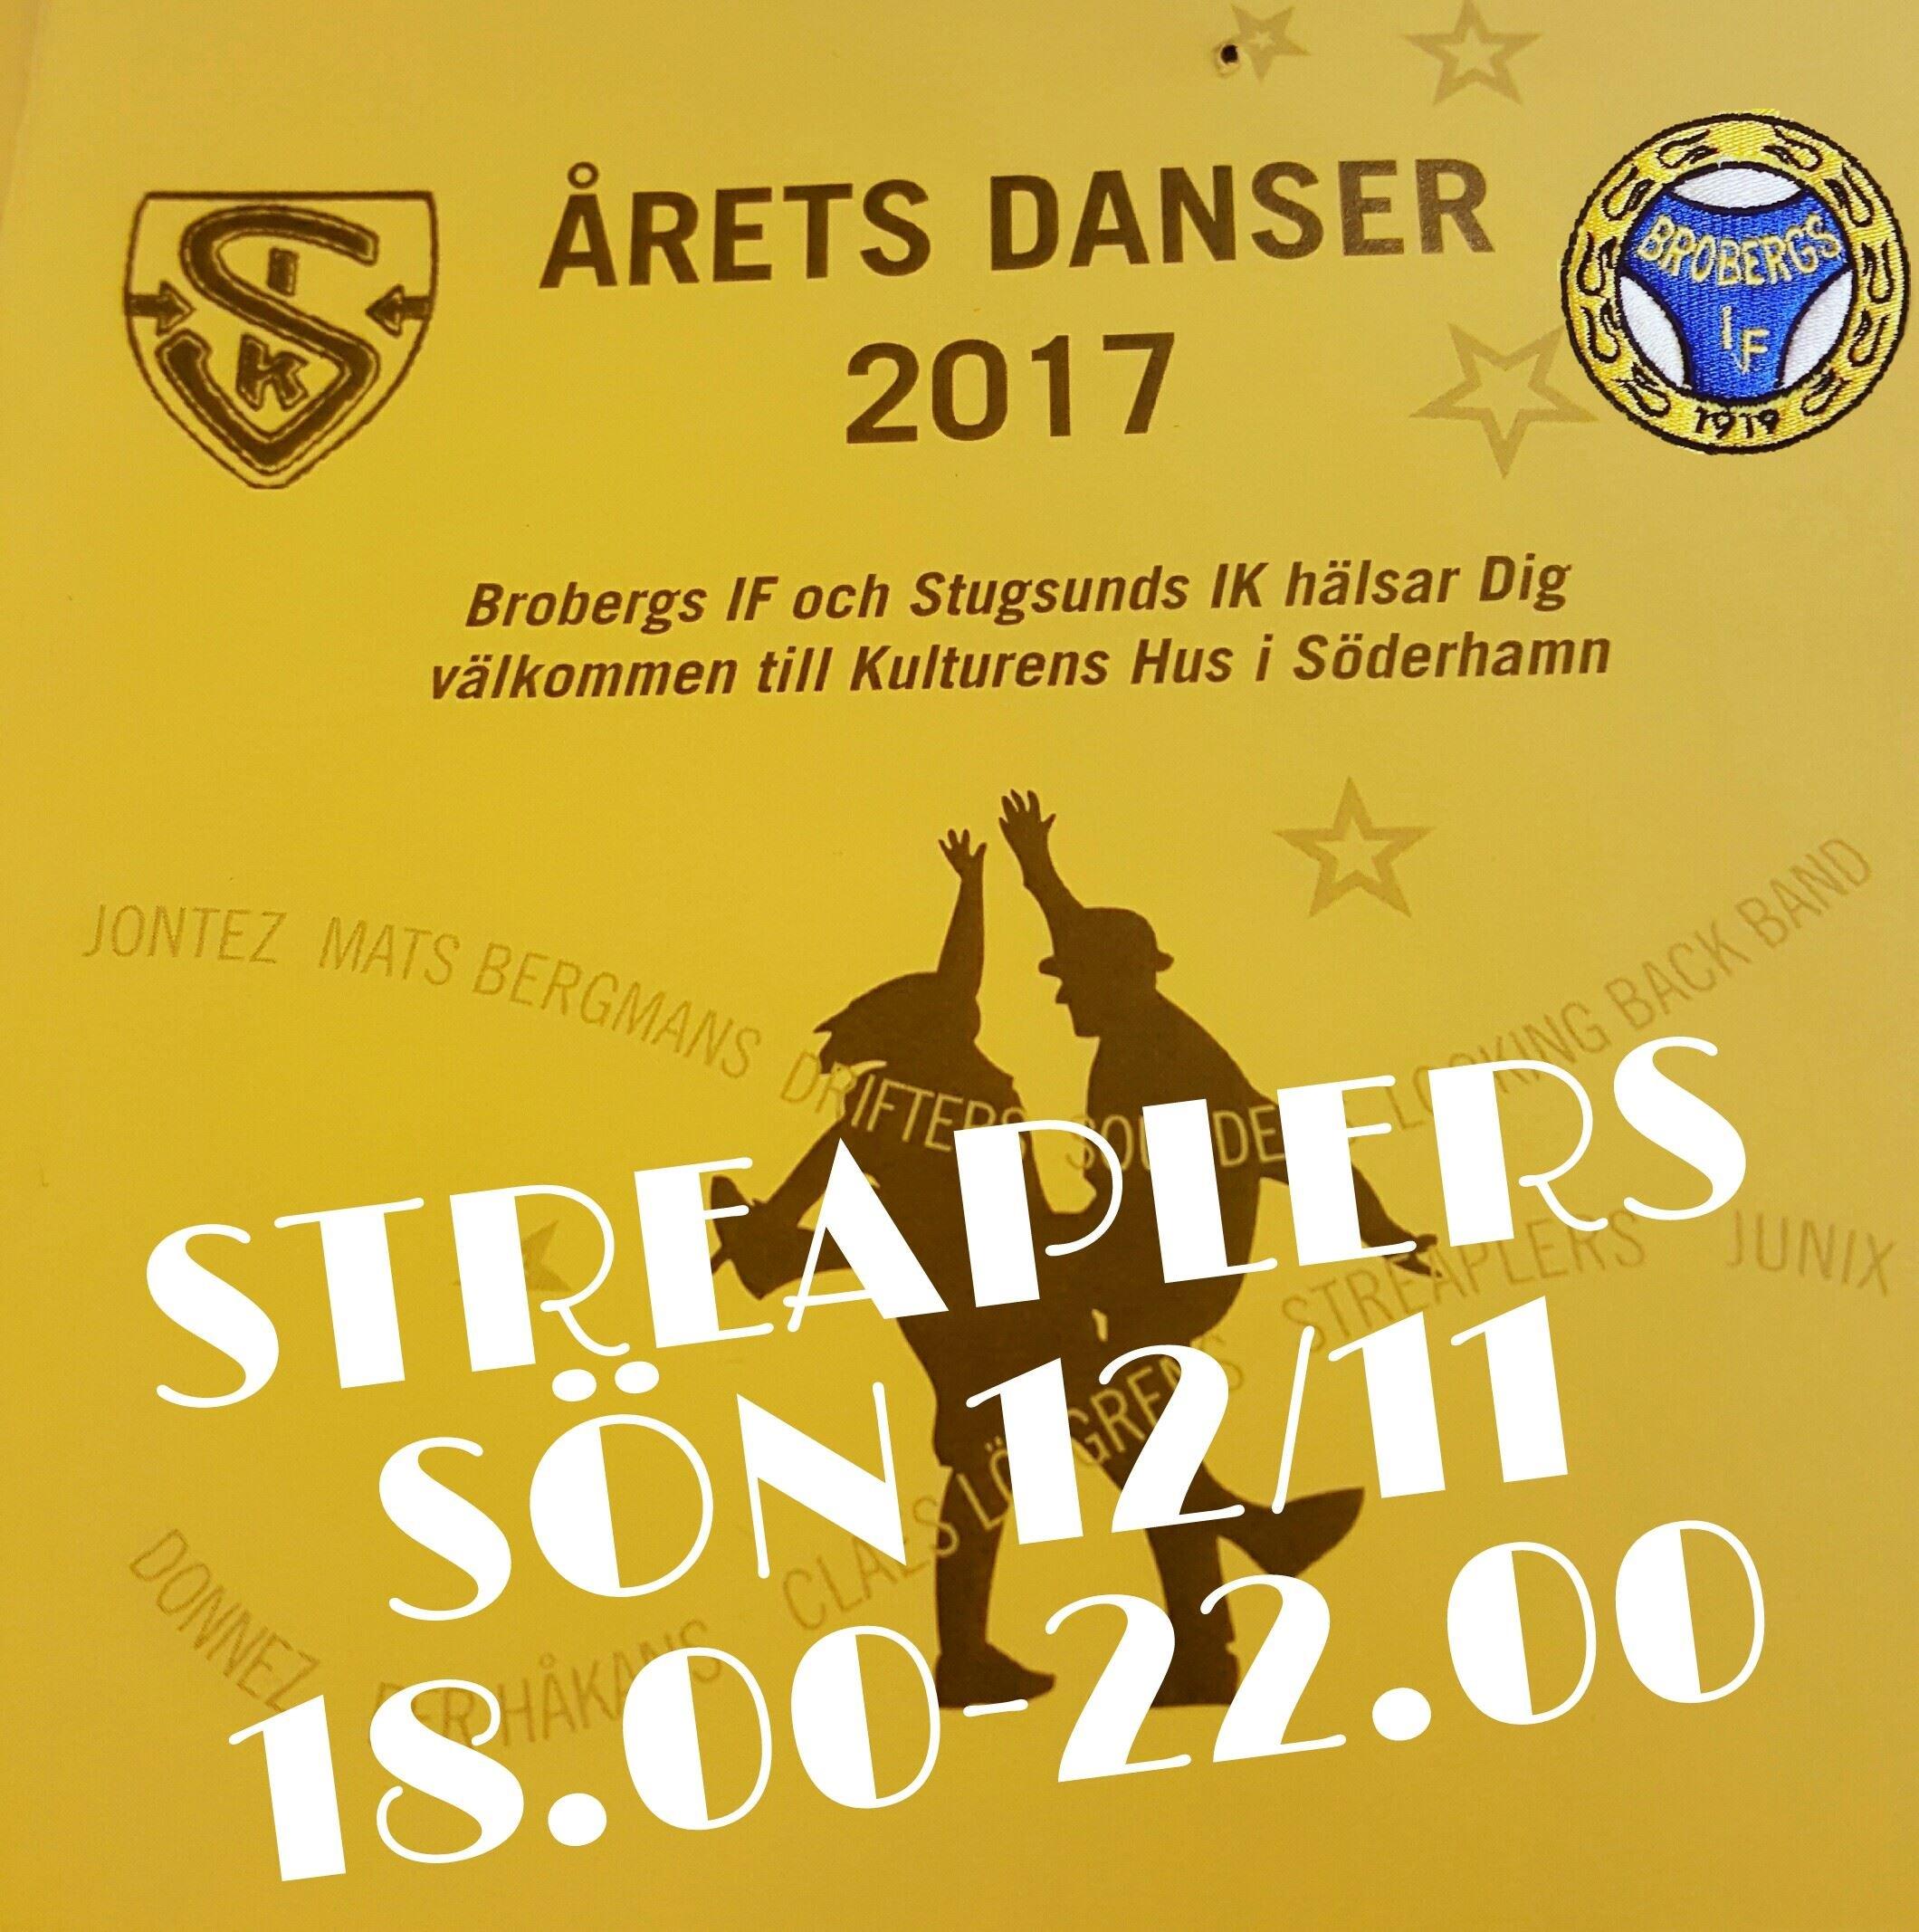 Dansa till STREAPLERS